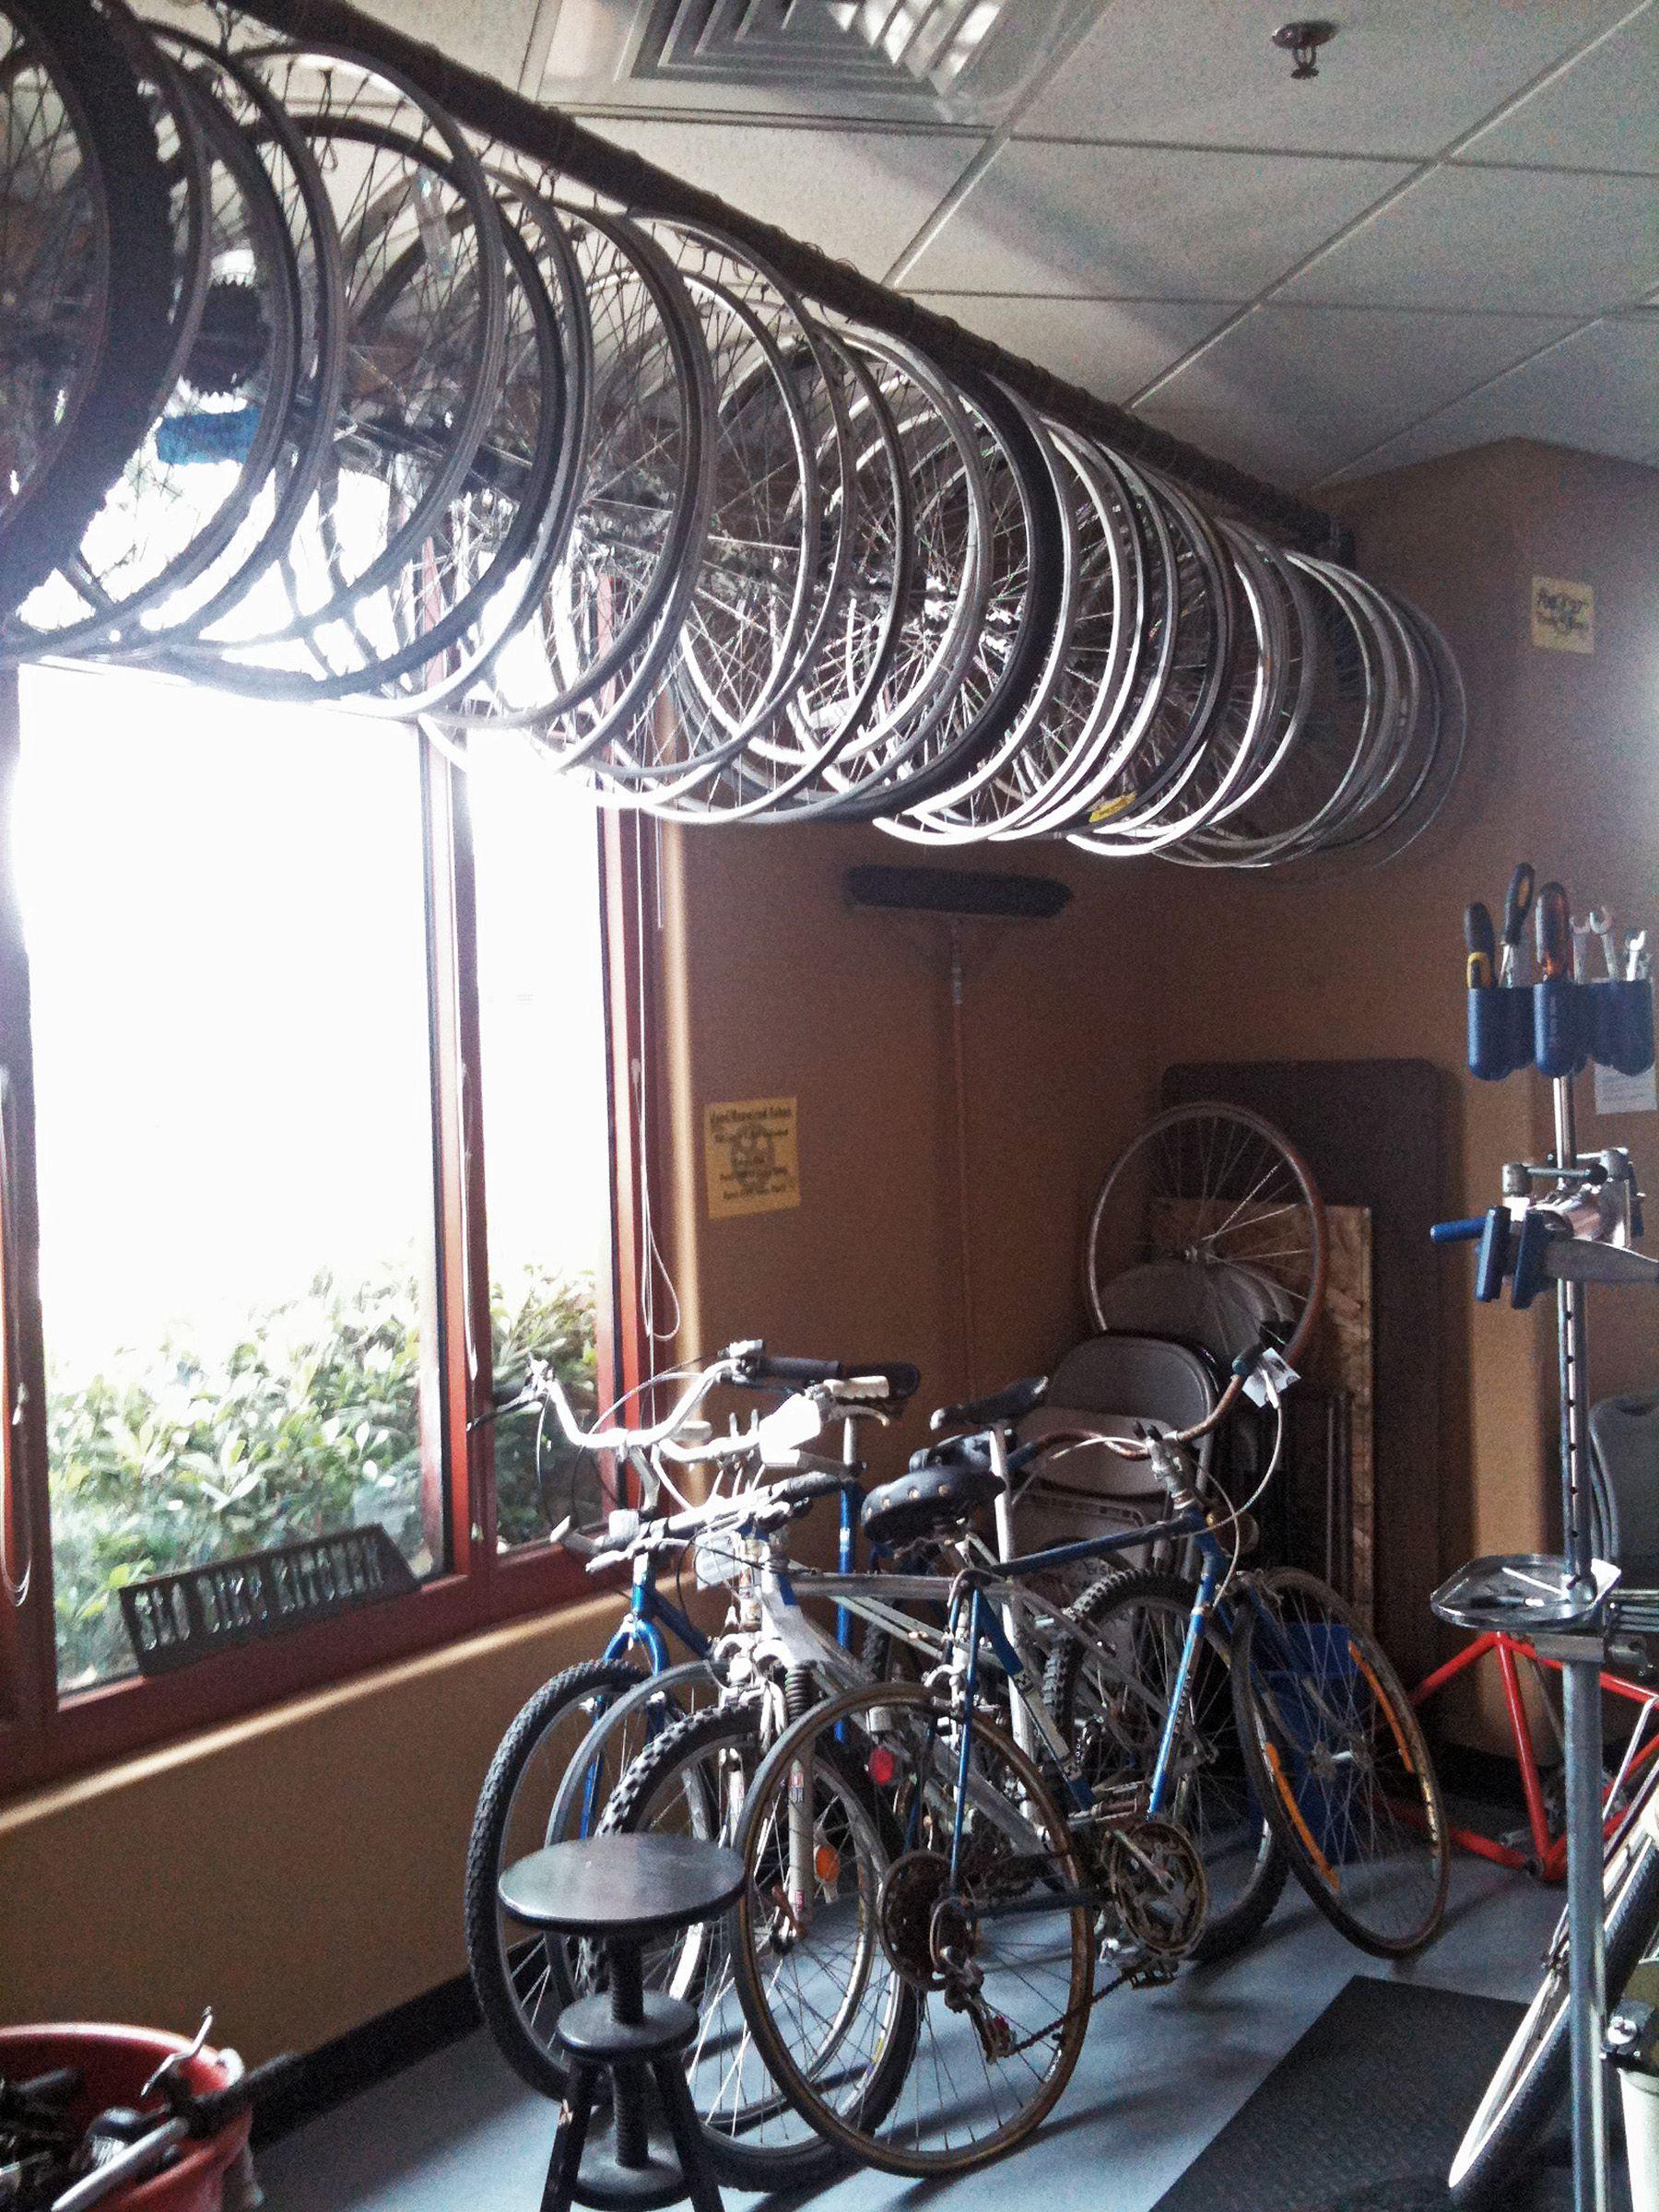 Slo Bike Kitchen Improvements Kitchen Improvements Bike Bike